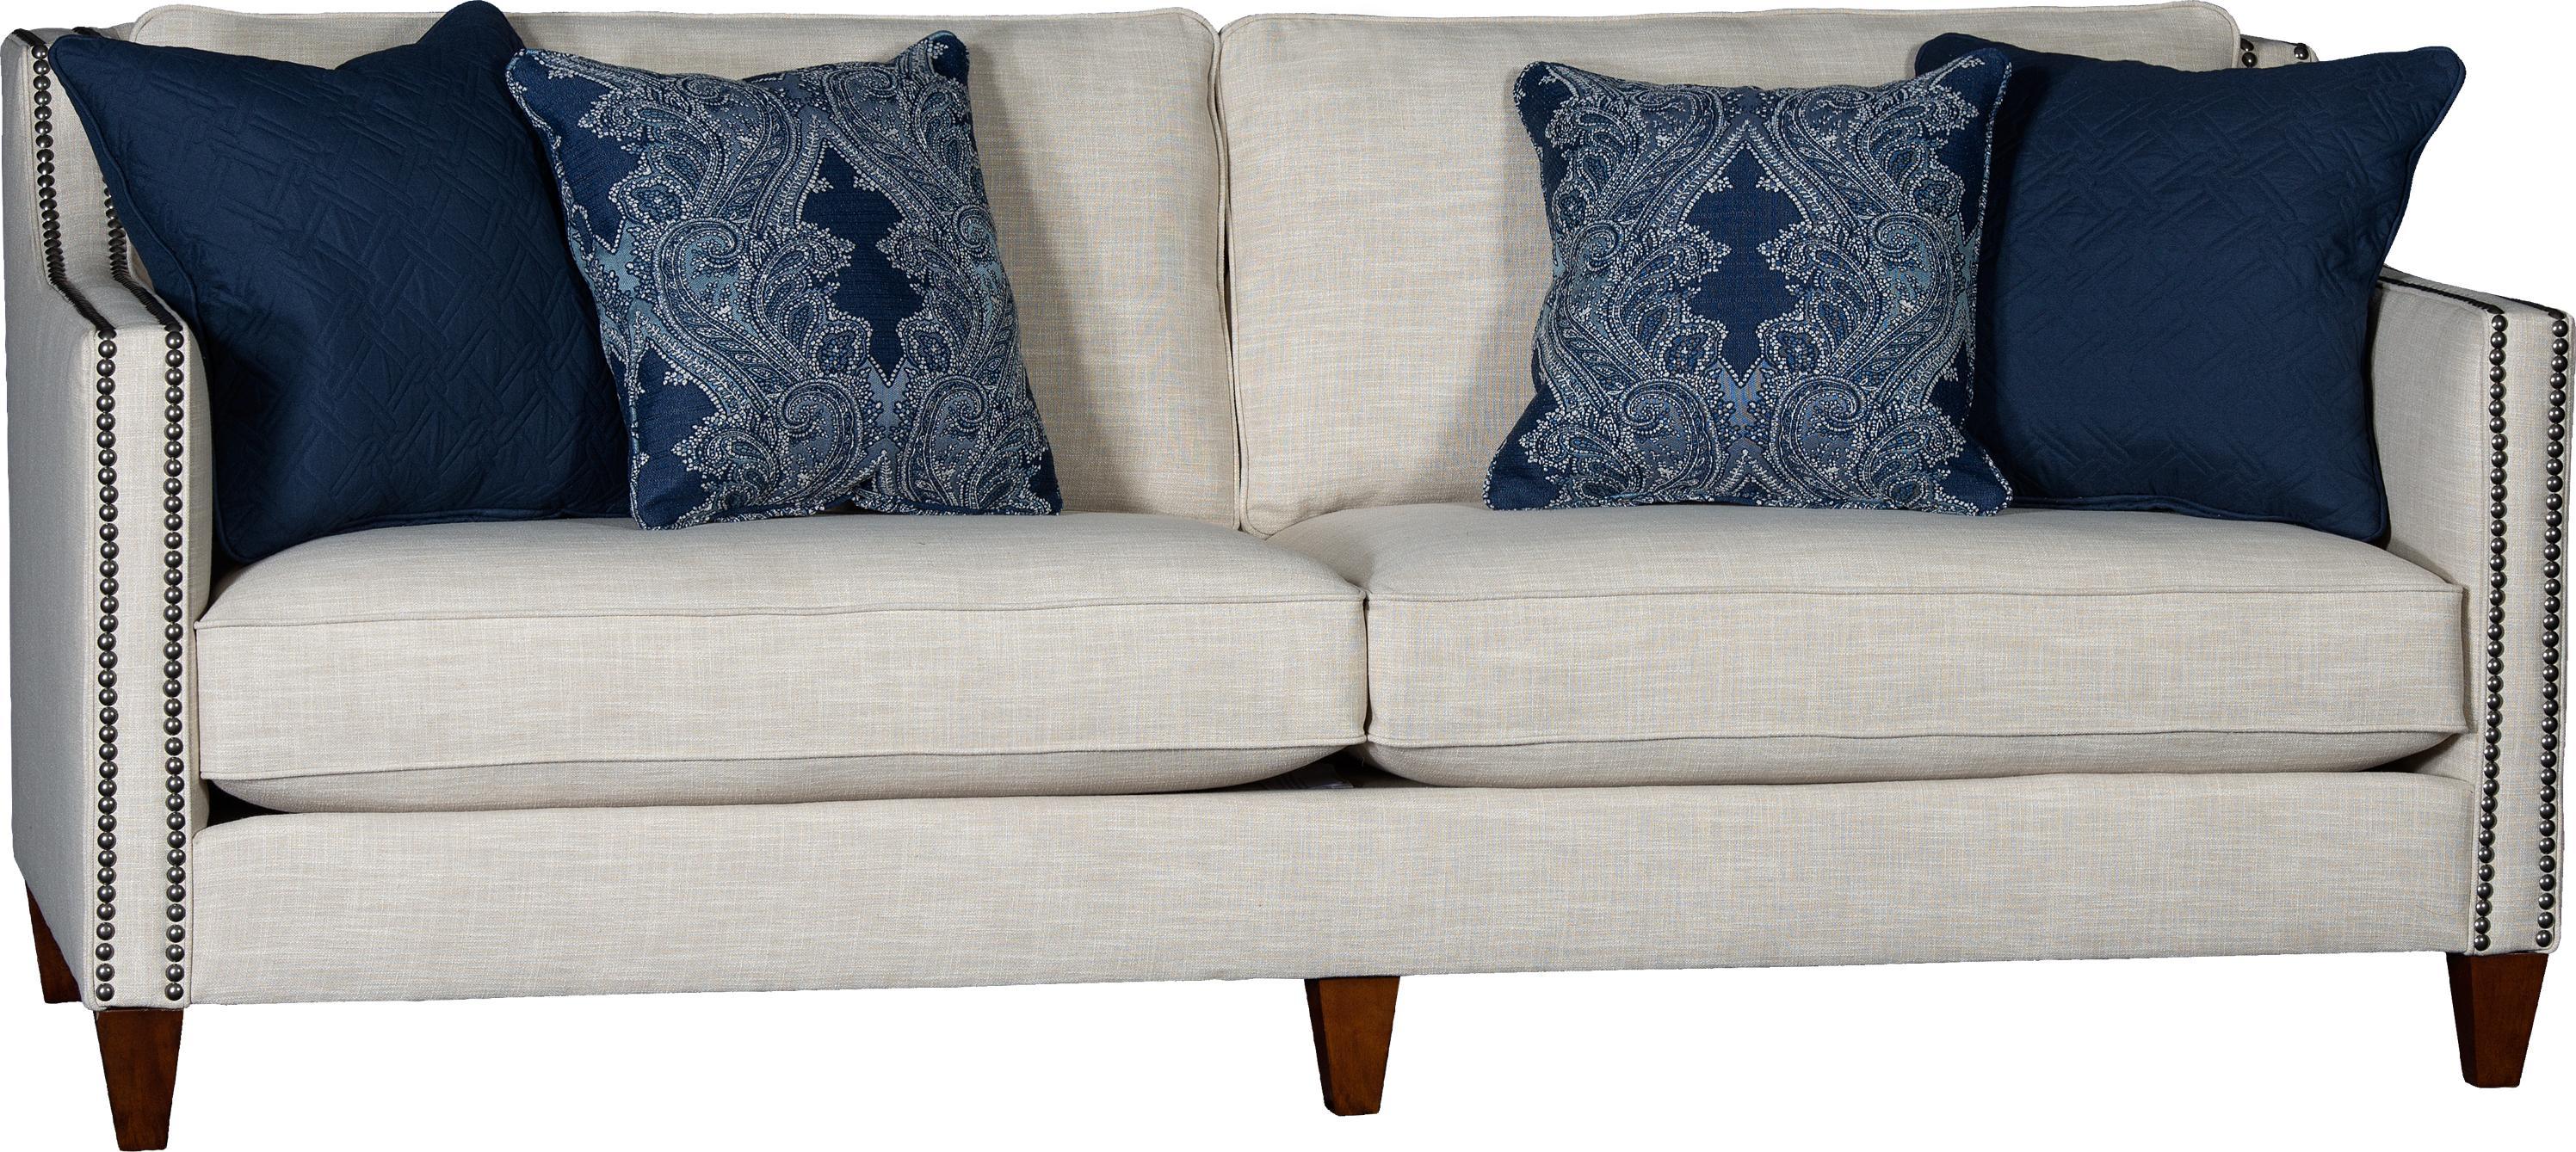 6170 Sofa by Mayo at Pedigo Furniture